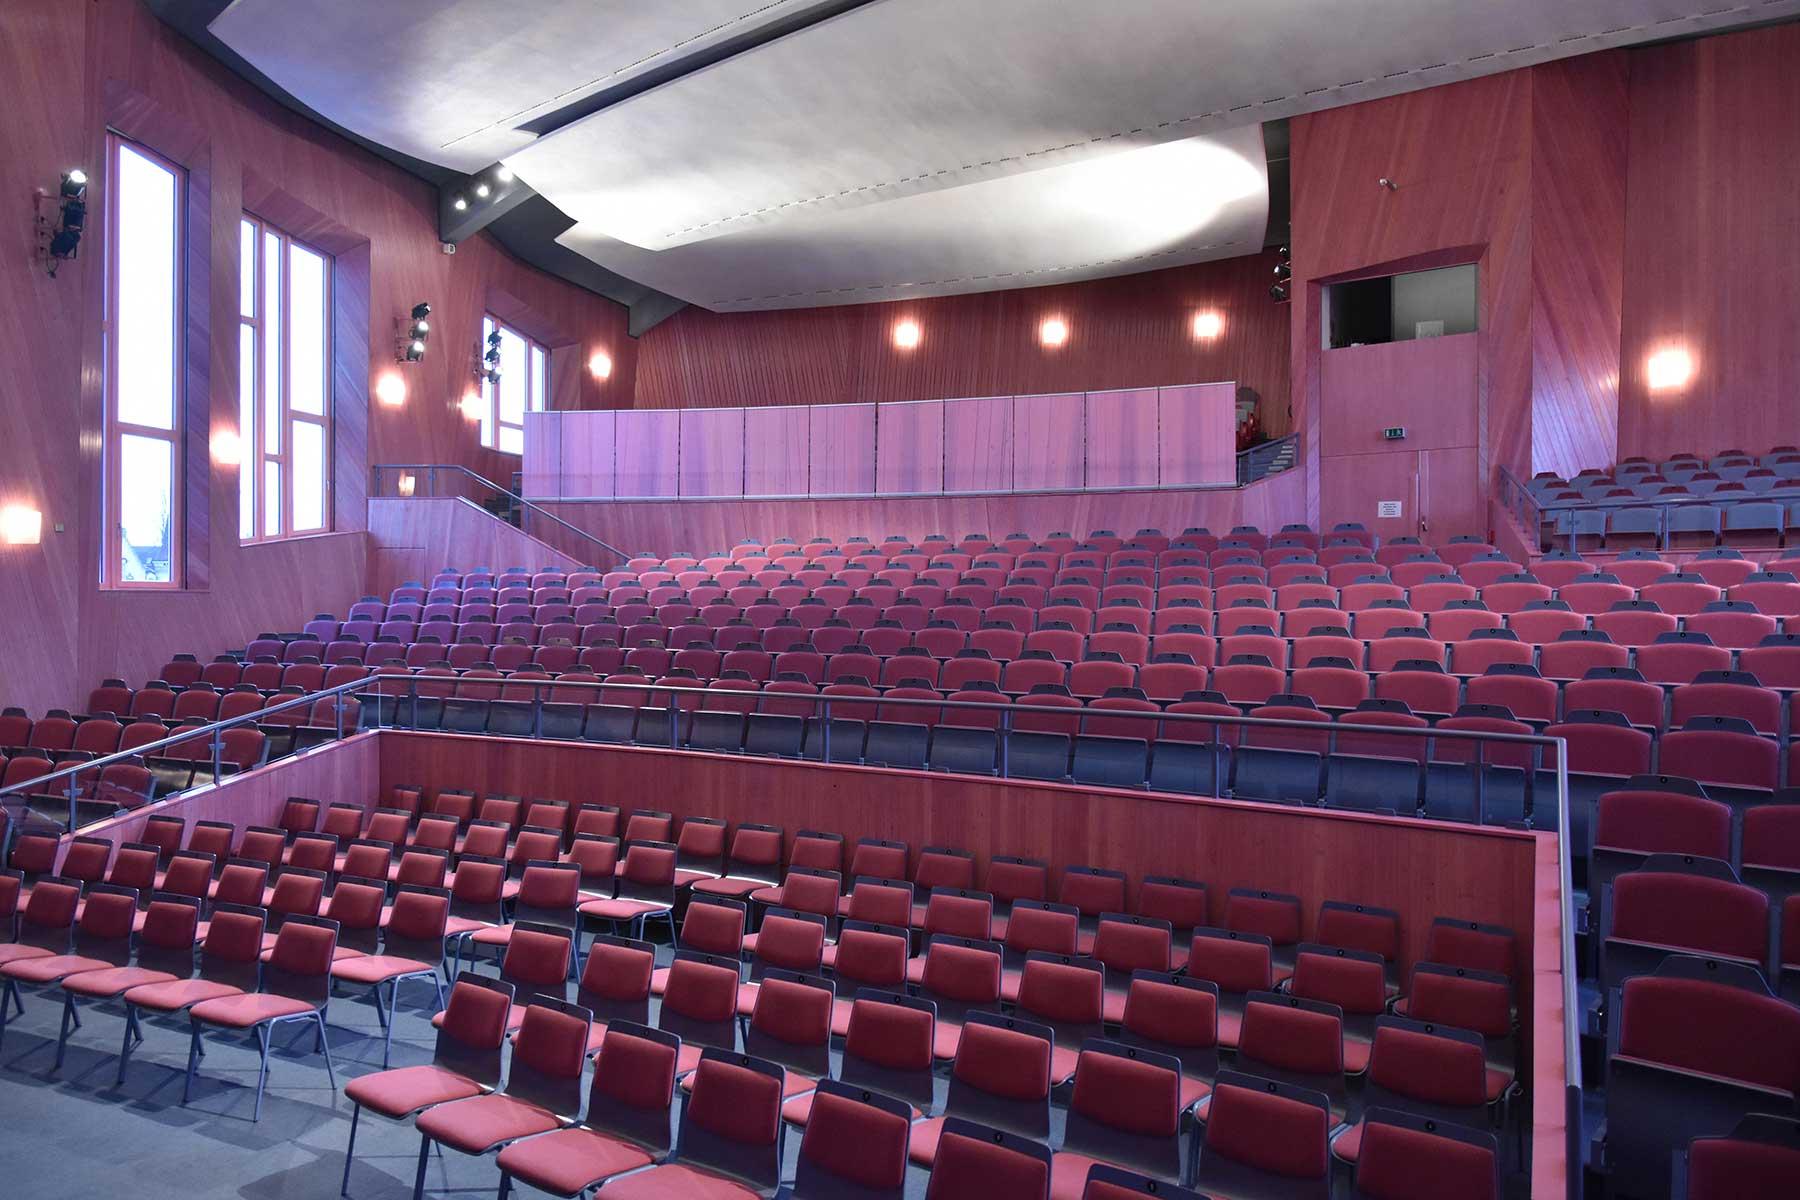 Saal - Bühne - Anthroposophisches Zentrum Kassel